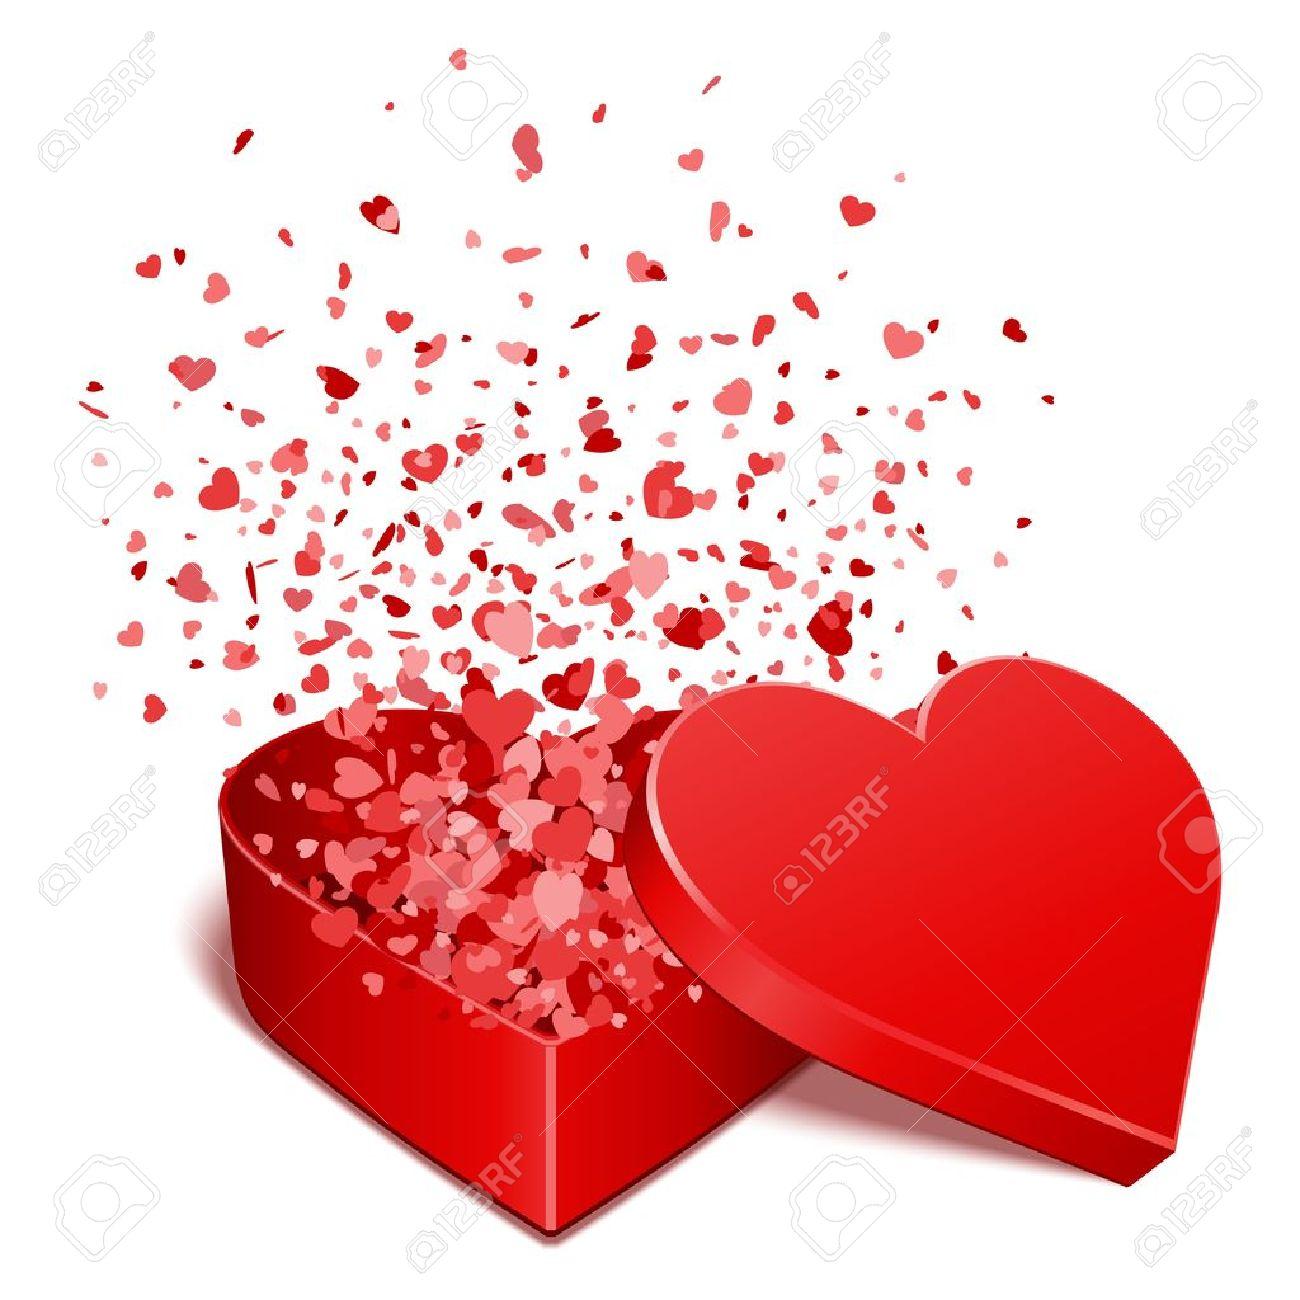 11895524-Pr-sente-cadeau-Coeur-avec-des-coeurs-mouche-Valentine-illustration-vectorielle-jour-pour-la-concept-Banque-d'images